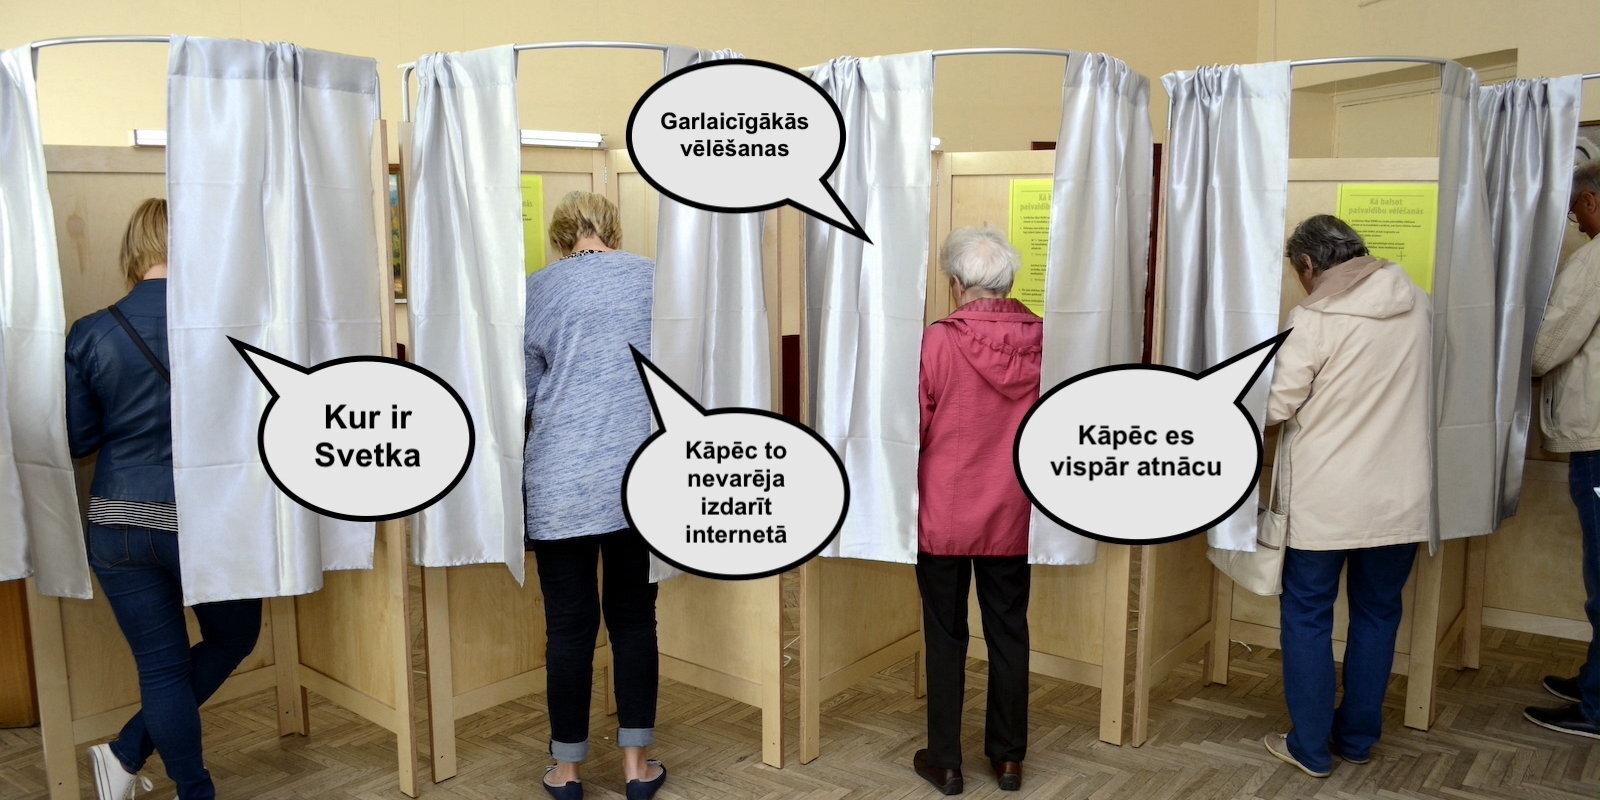 Cehs.lv: Vienkārši soļi, lai vēlēšanas nesmirdētu pēc naftalīna